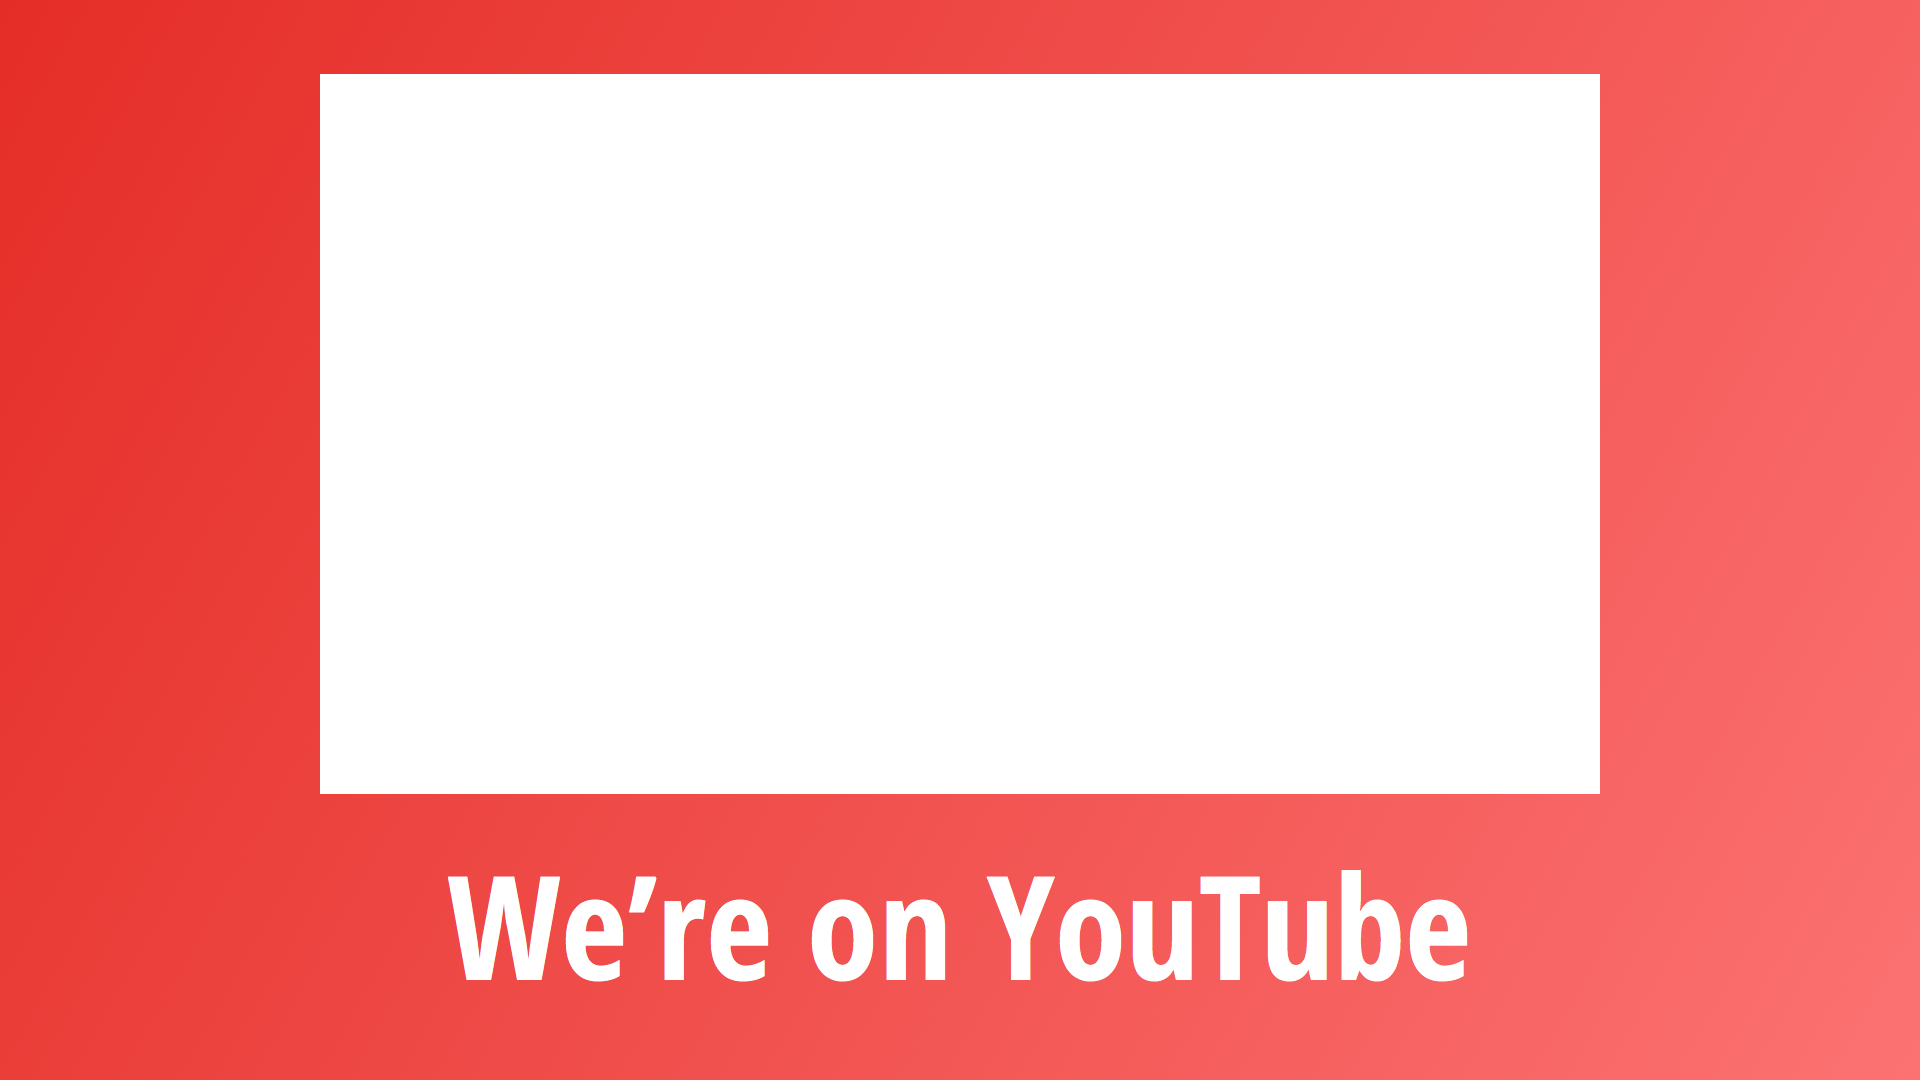 digital-signage-youtube-layout